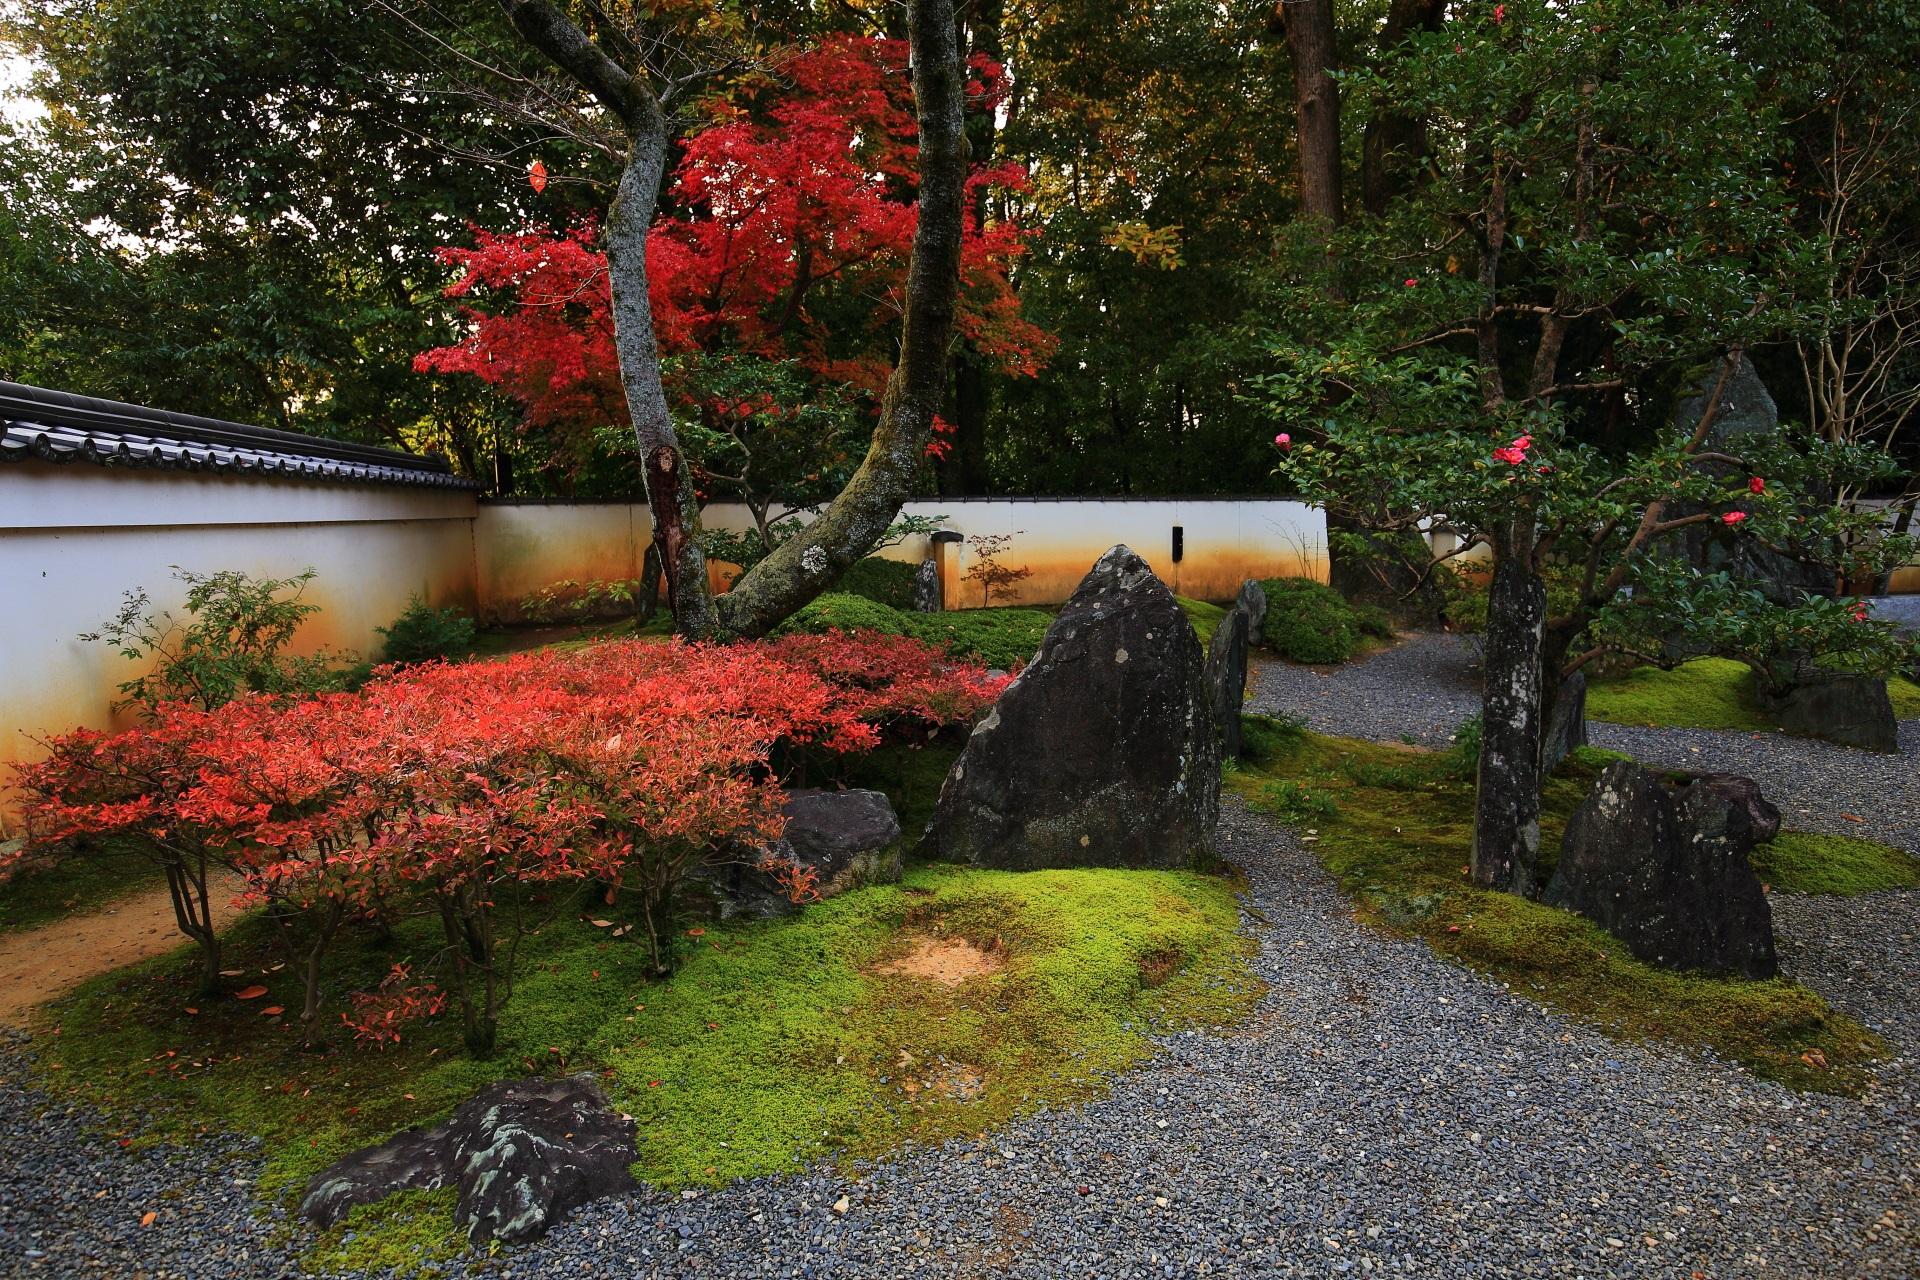 椿や色づくツツジのある彩りの秋の庭園